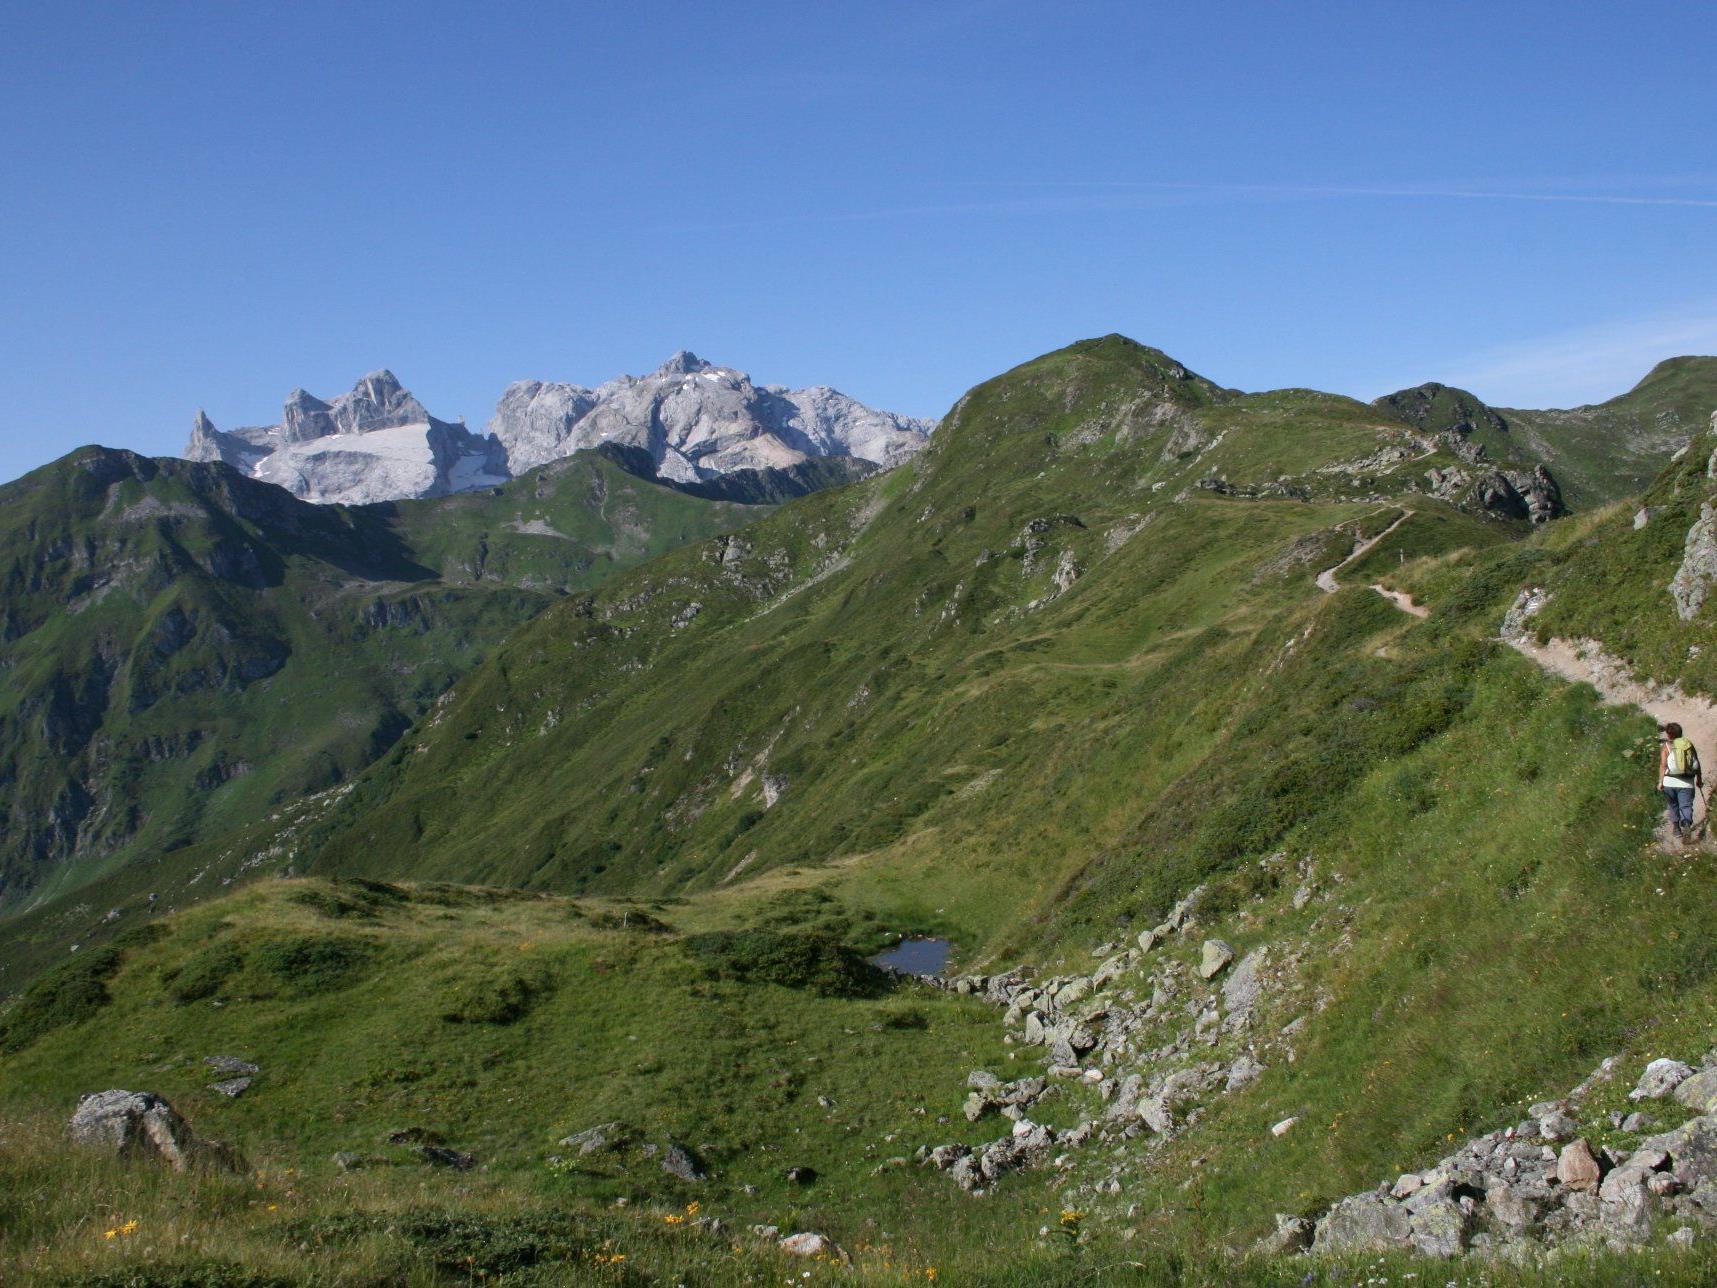 Golmer Höhenweg mit Blick auf die Drei Türme.